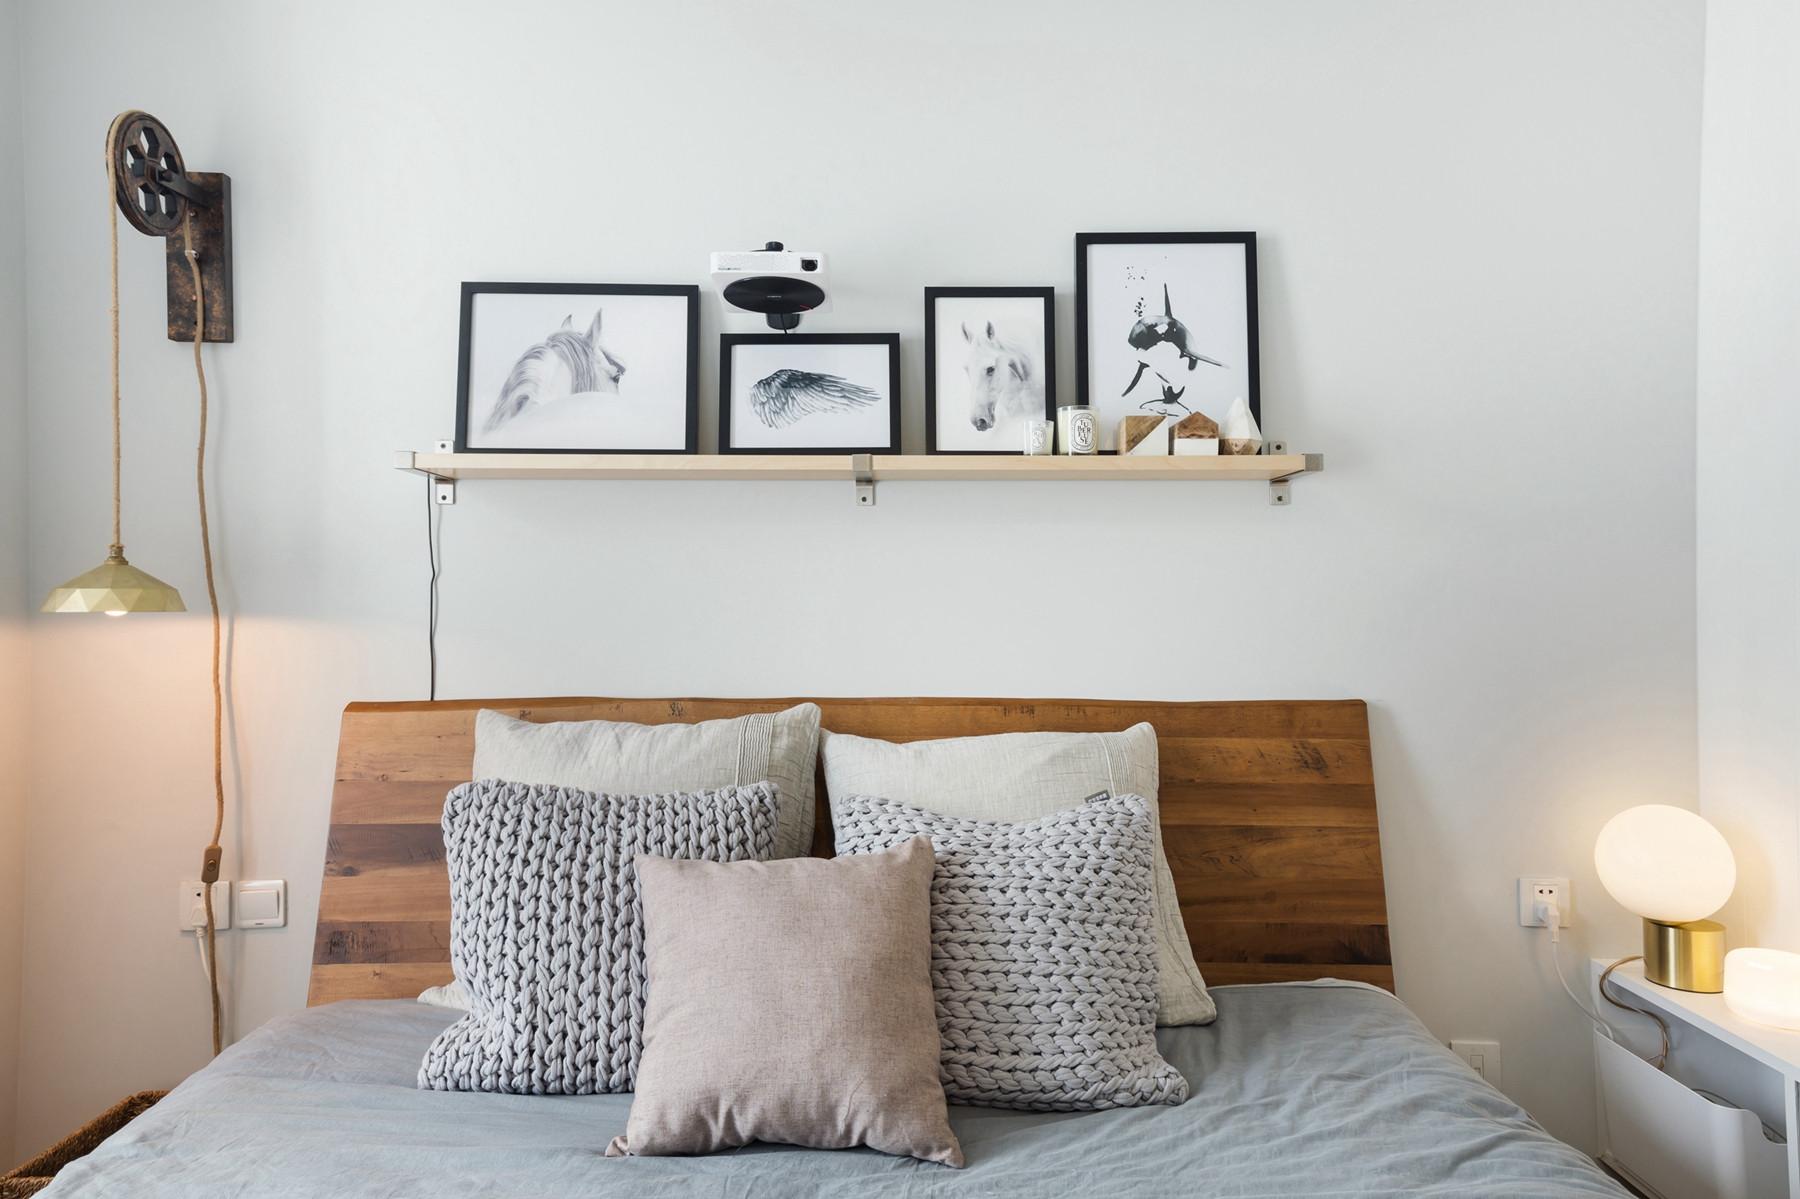 二居室北欧风格家床头墙设计